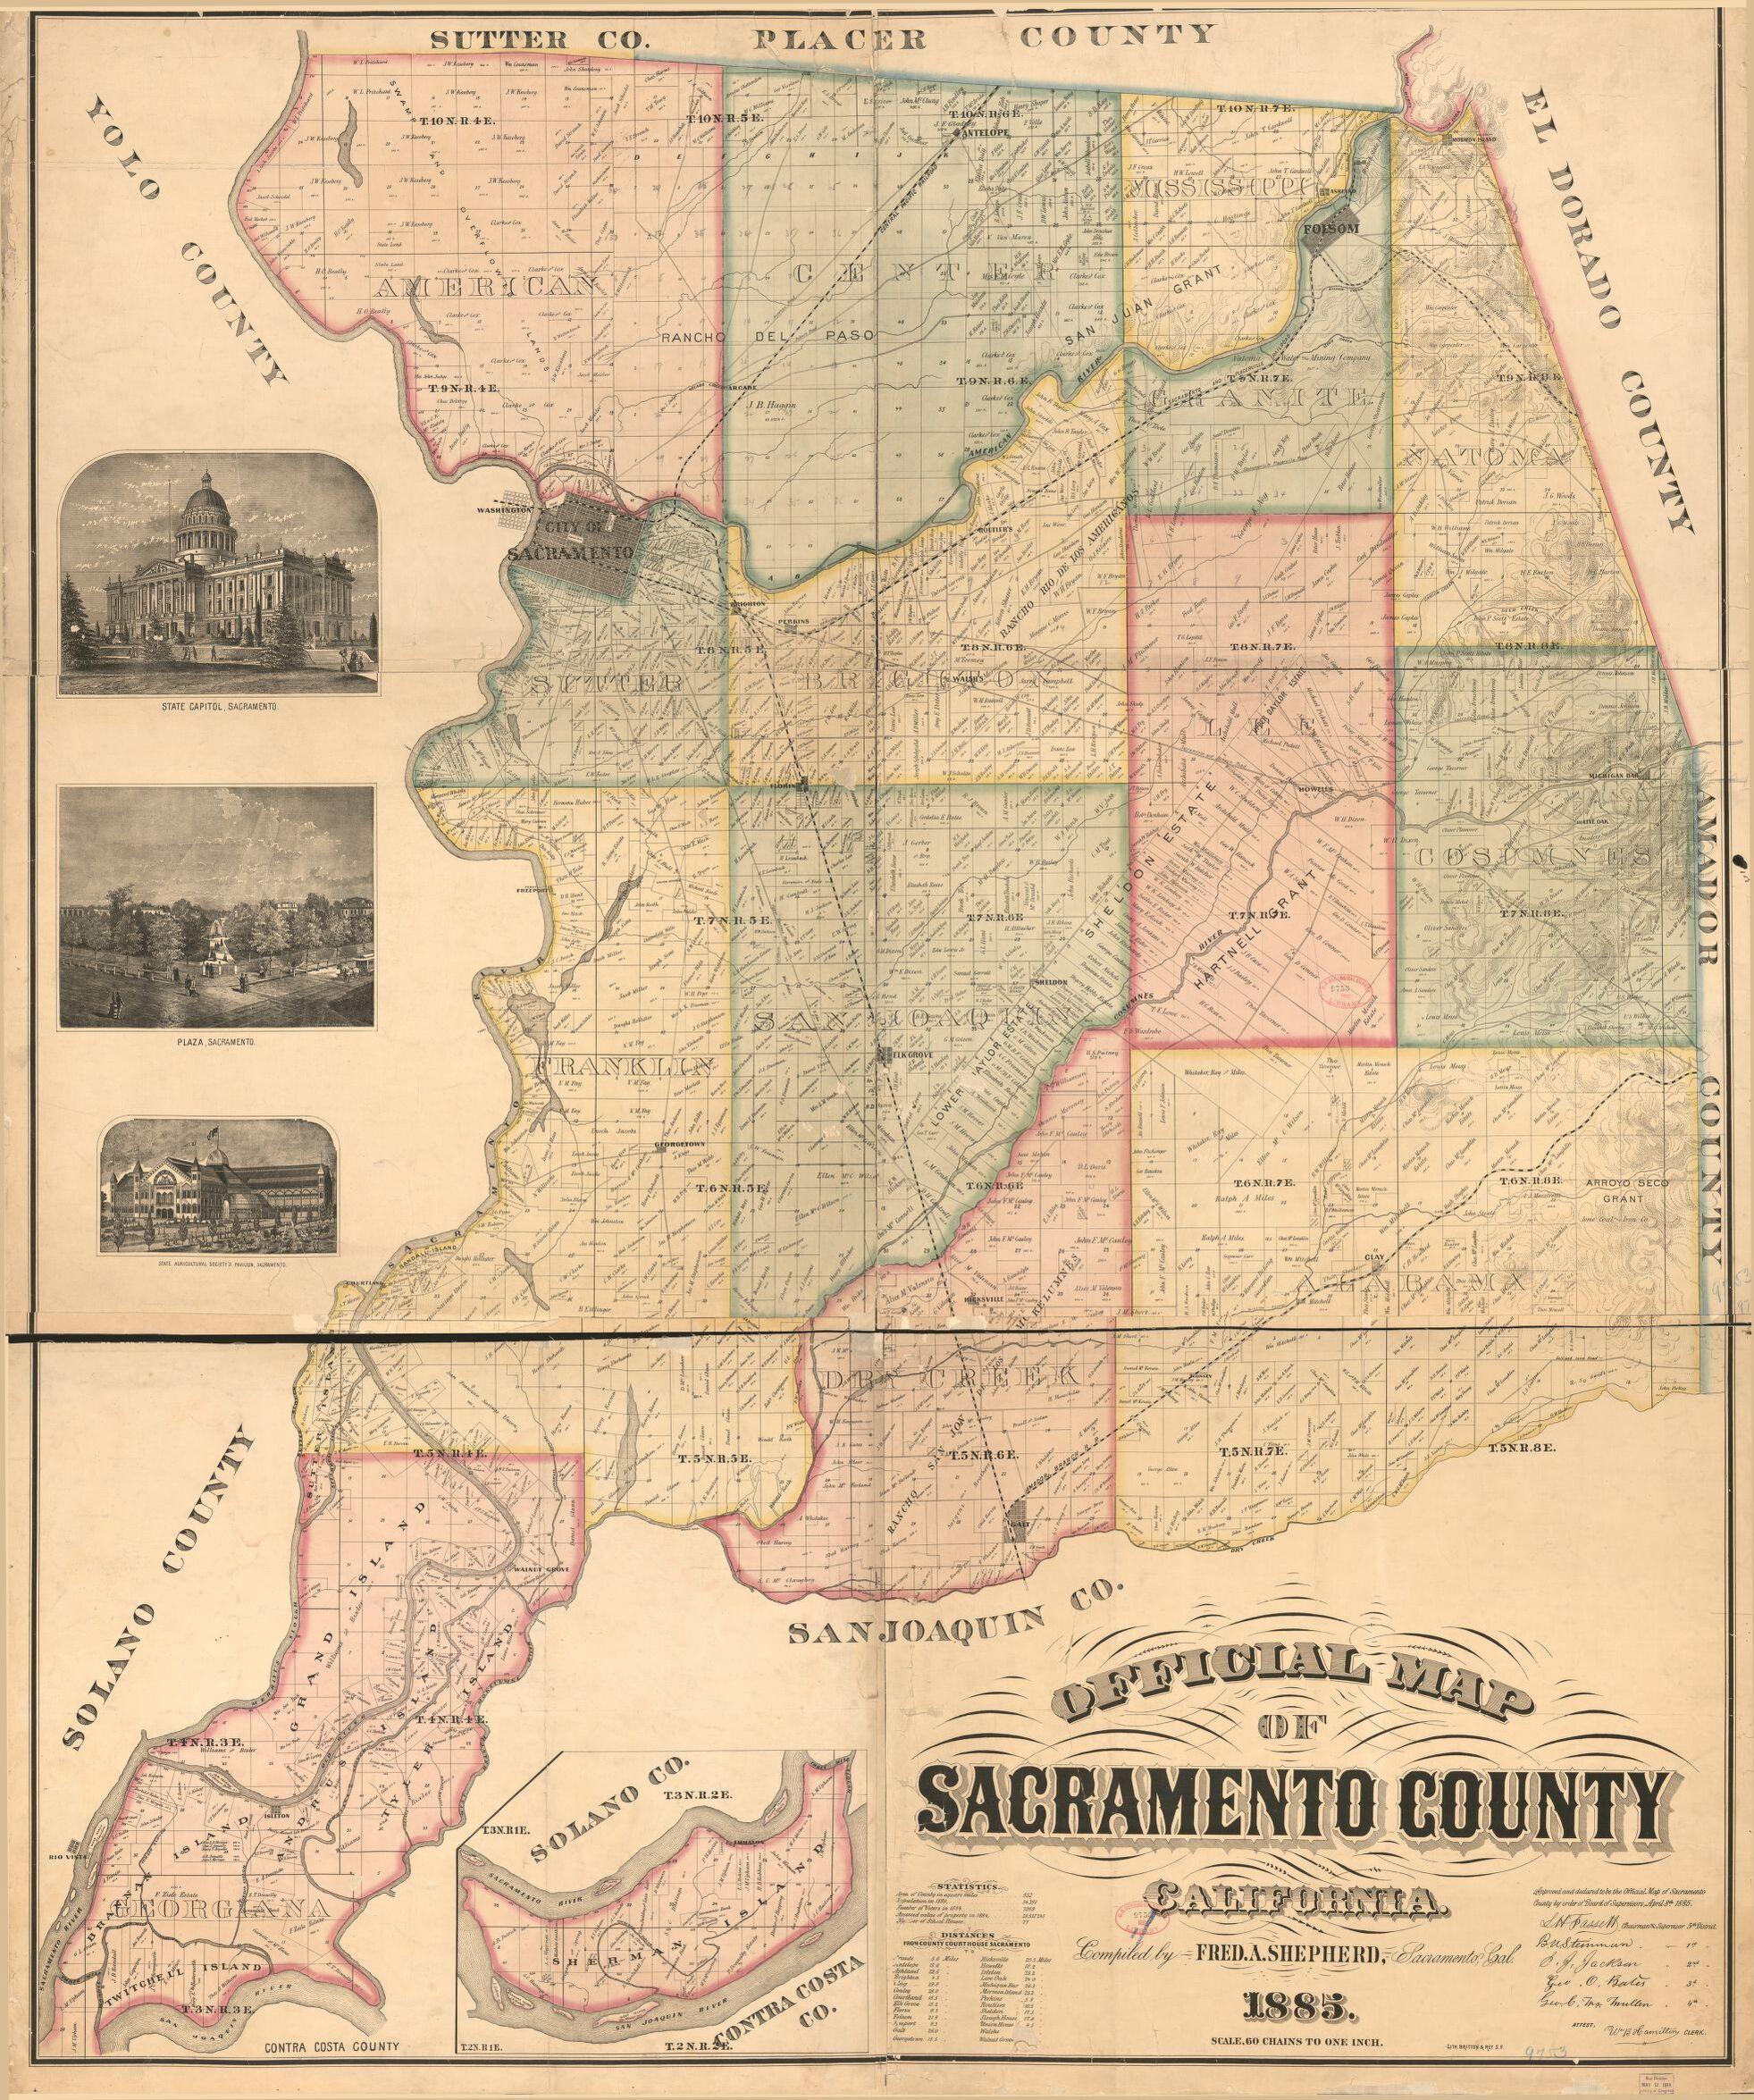 Official Map Of Sacramento County, California | Library Of Congress - Map Of Sacramento County California